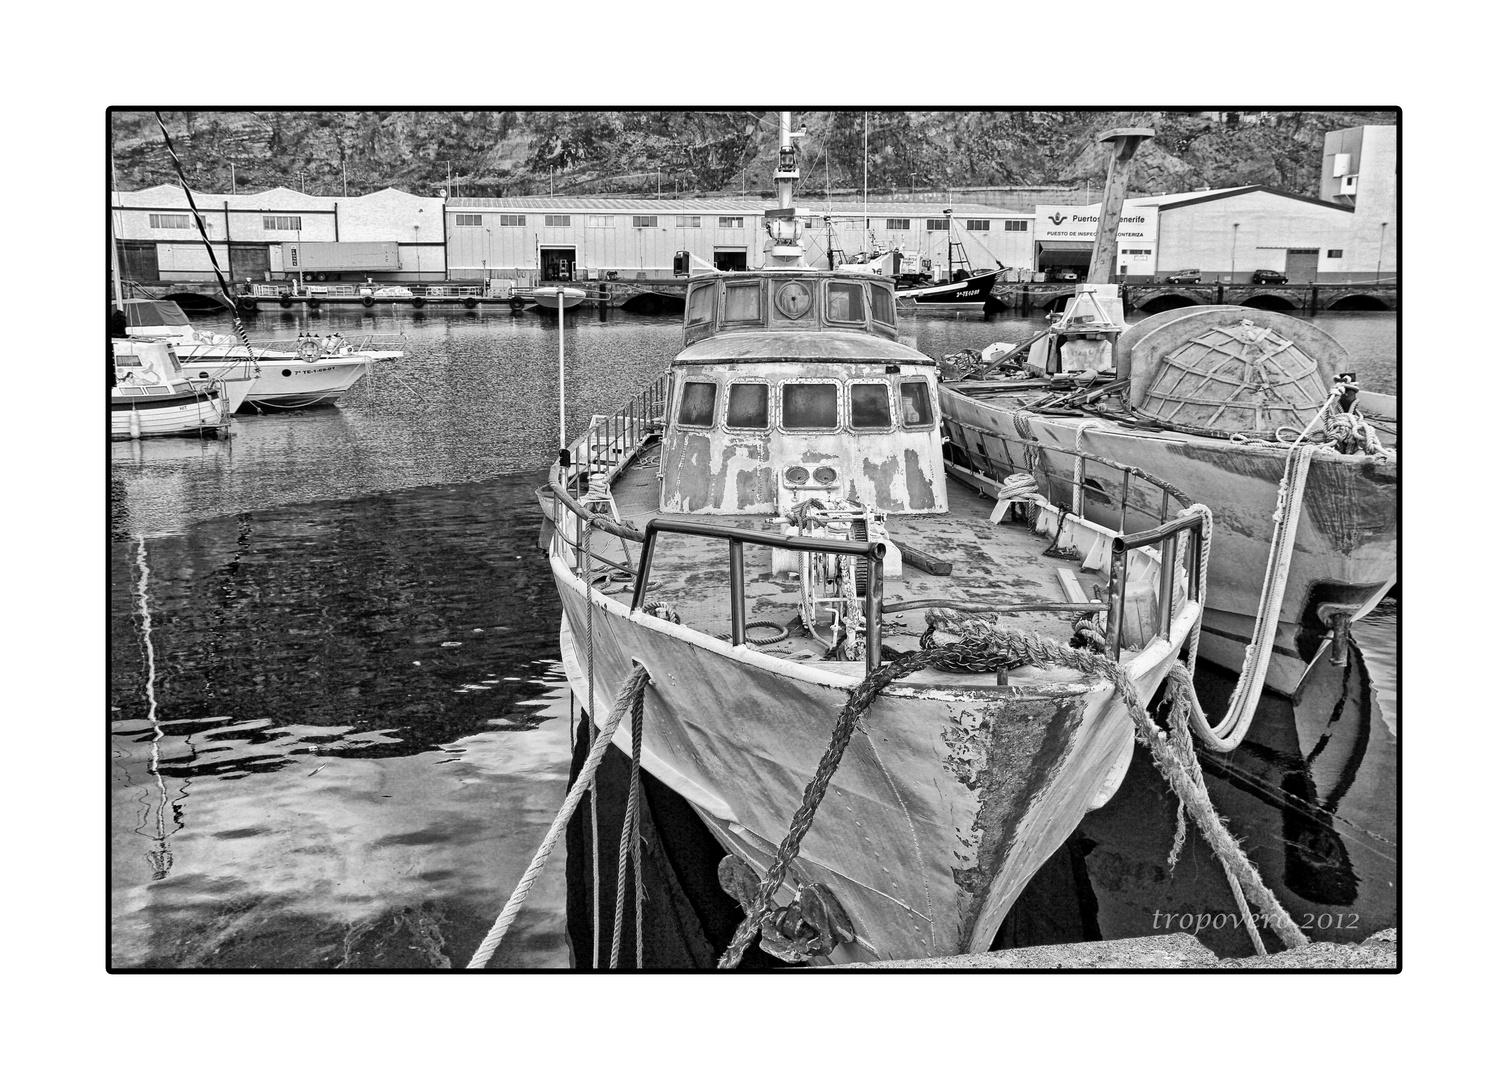 El viejo barco